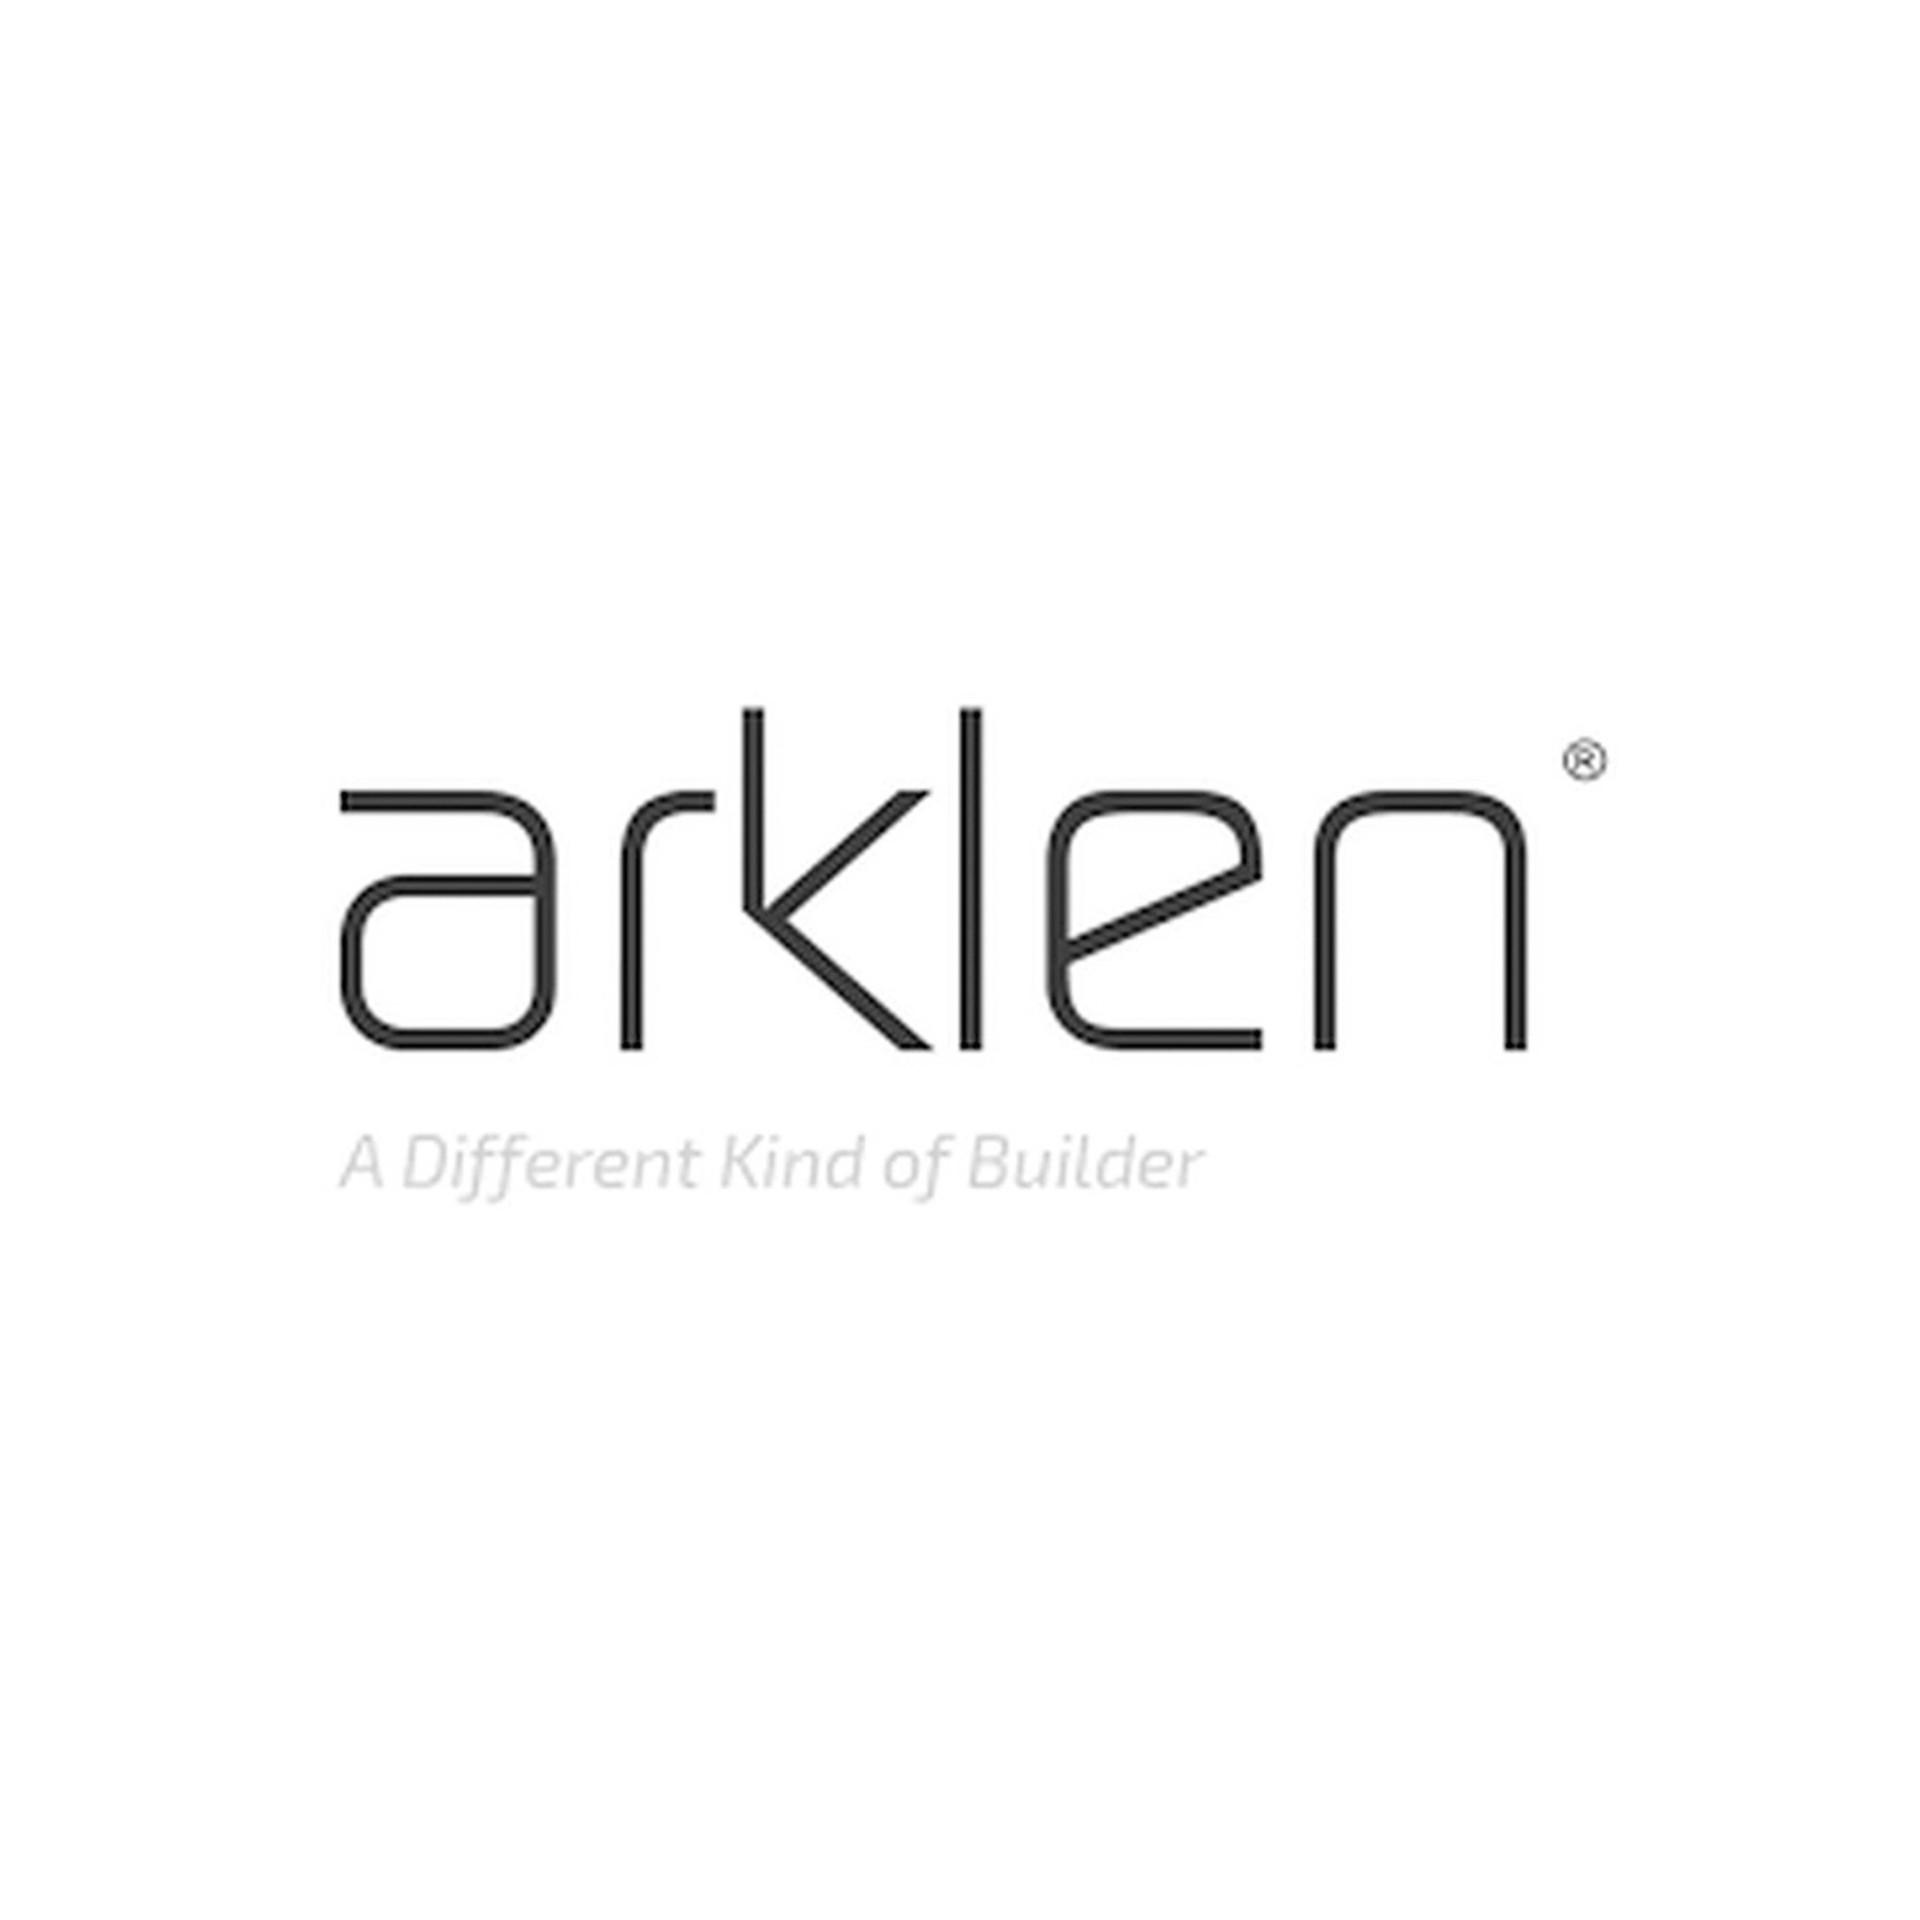 ARKLEN.jpg